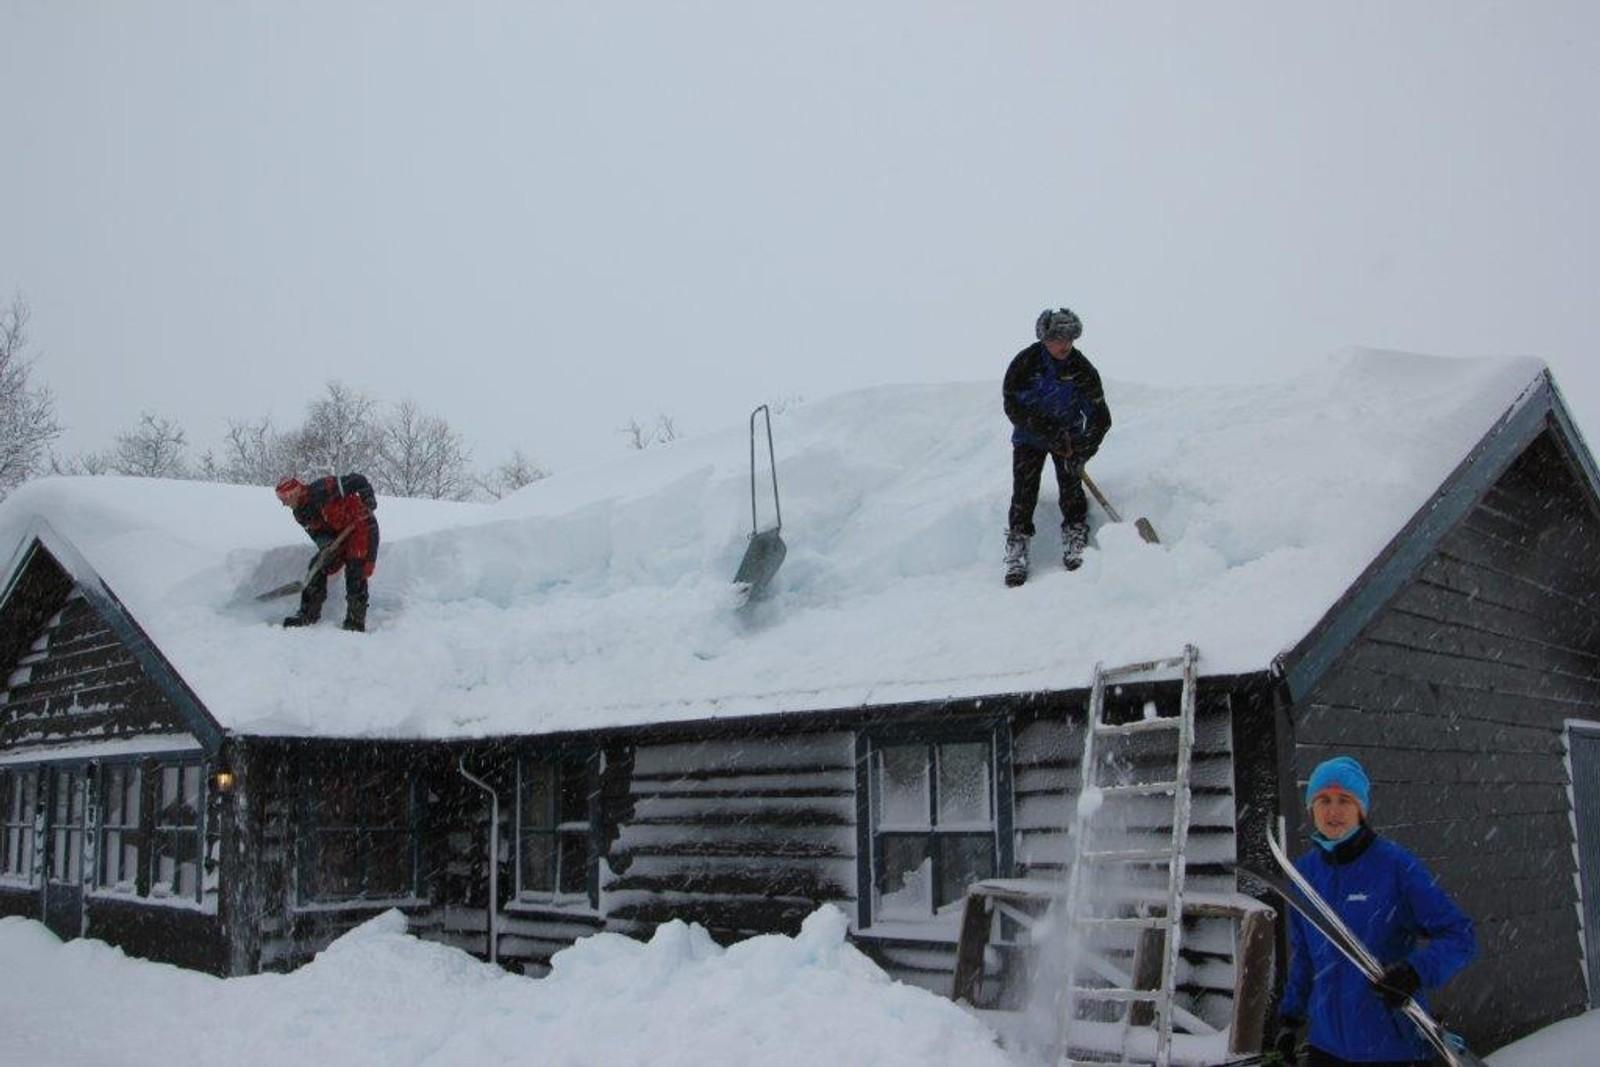 I indre Sogn var Tor snill med bygningar og skog, men i høgda kom det bra med snø i bakkant av uvêret. Her er folk i gang med å spa snø av taket på Aosahytta på Seimsåsen skisenter i Årdal søndag.